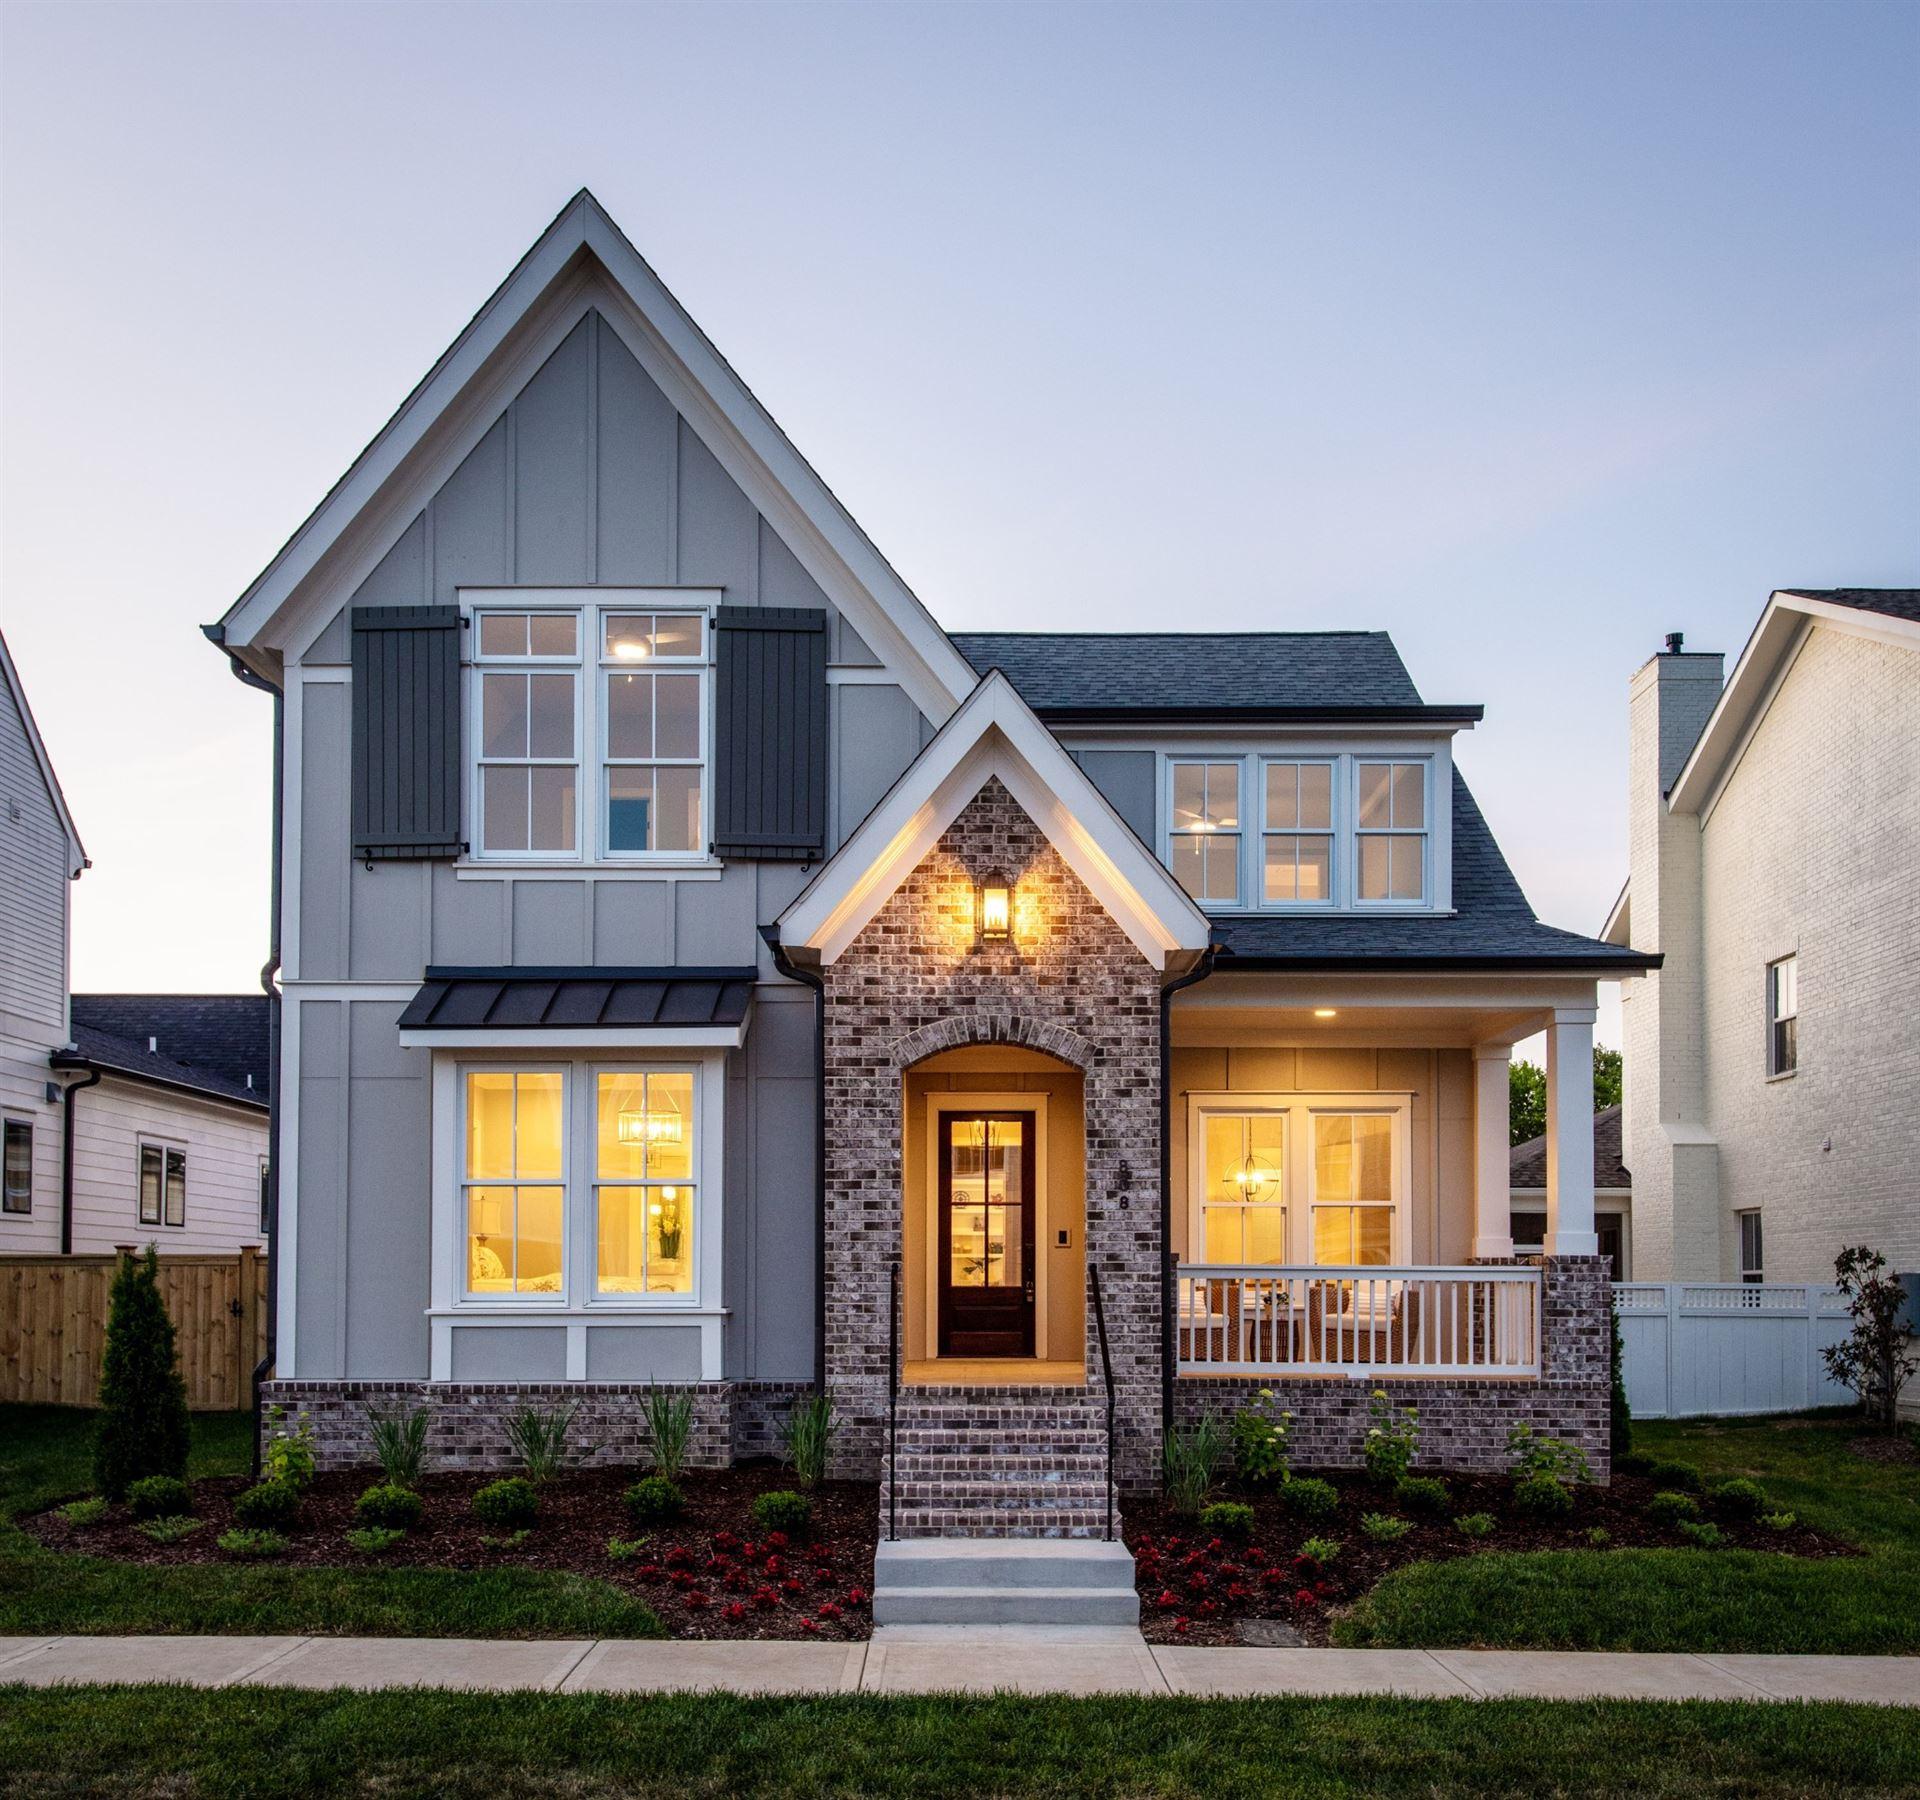 808 Carsten Street-Lot 405, Nashville, TN 37221 - MLS#: 2200331